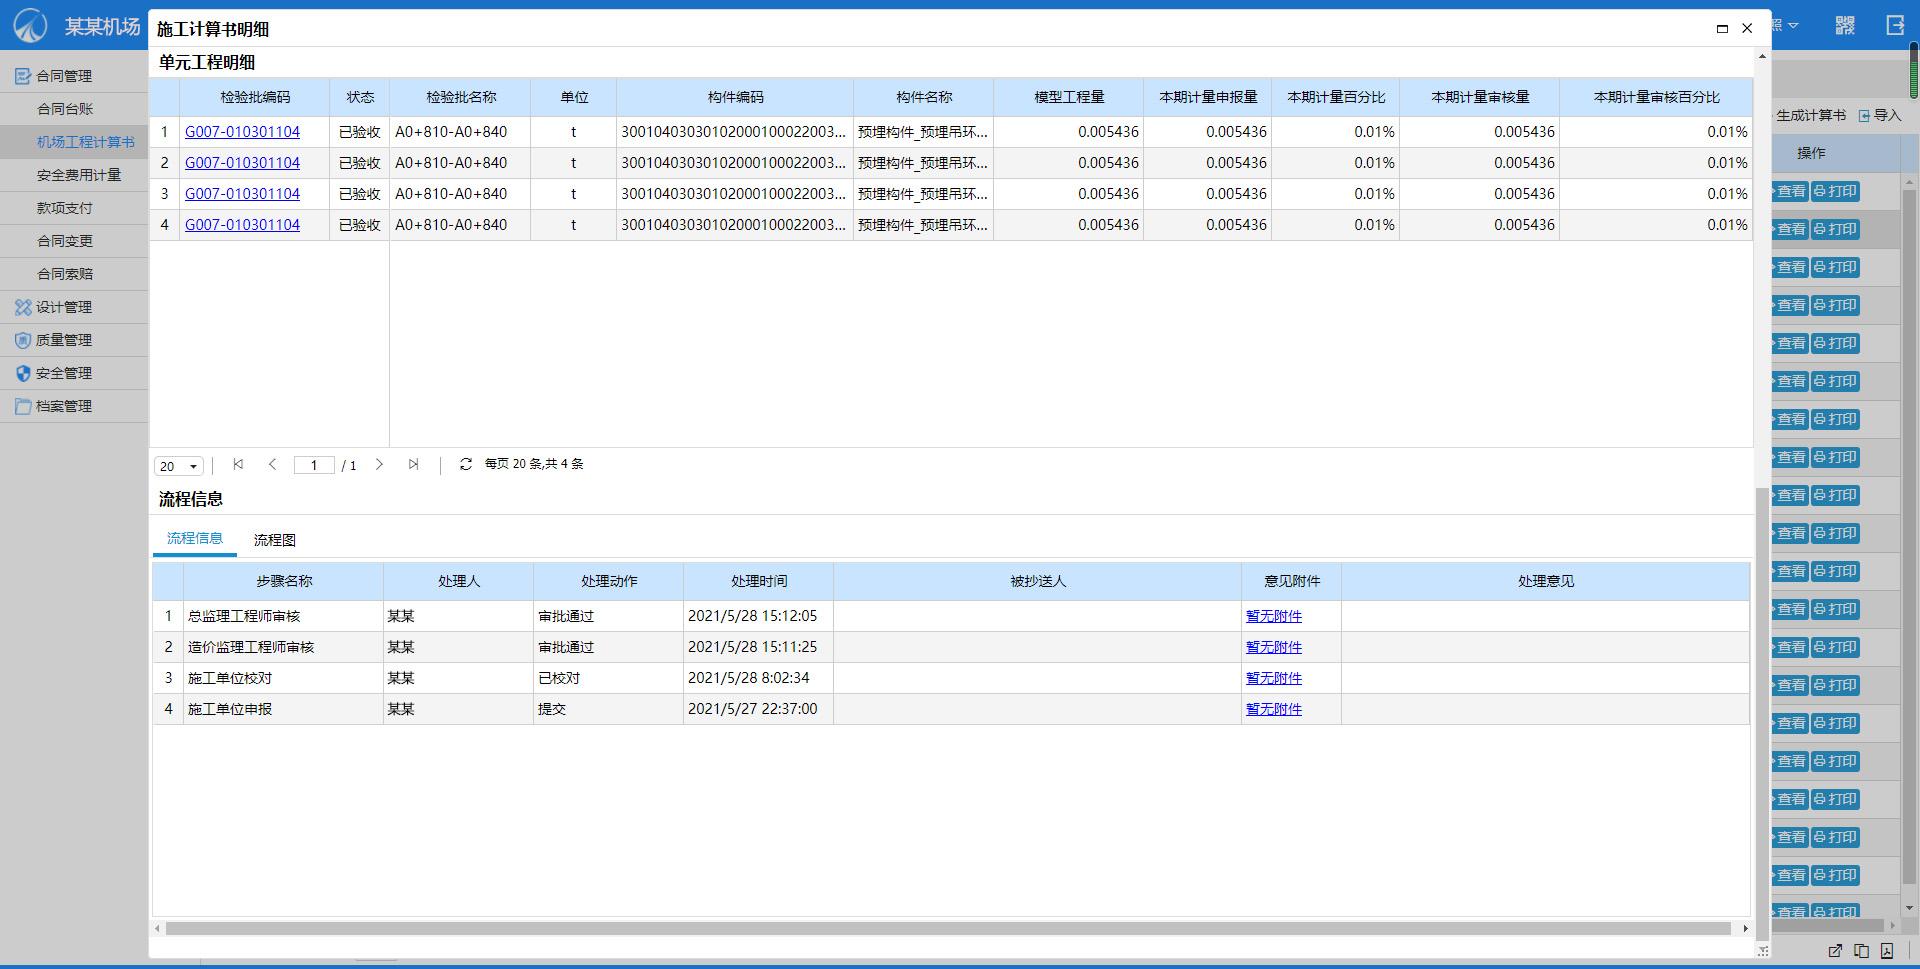 希盟泰克BIM工程造价算量软件-自主PLM|智慧工地管理平台|BIM施工管理系统